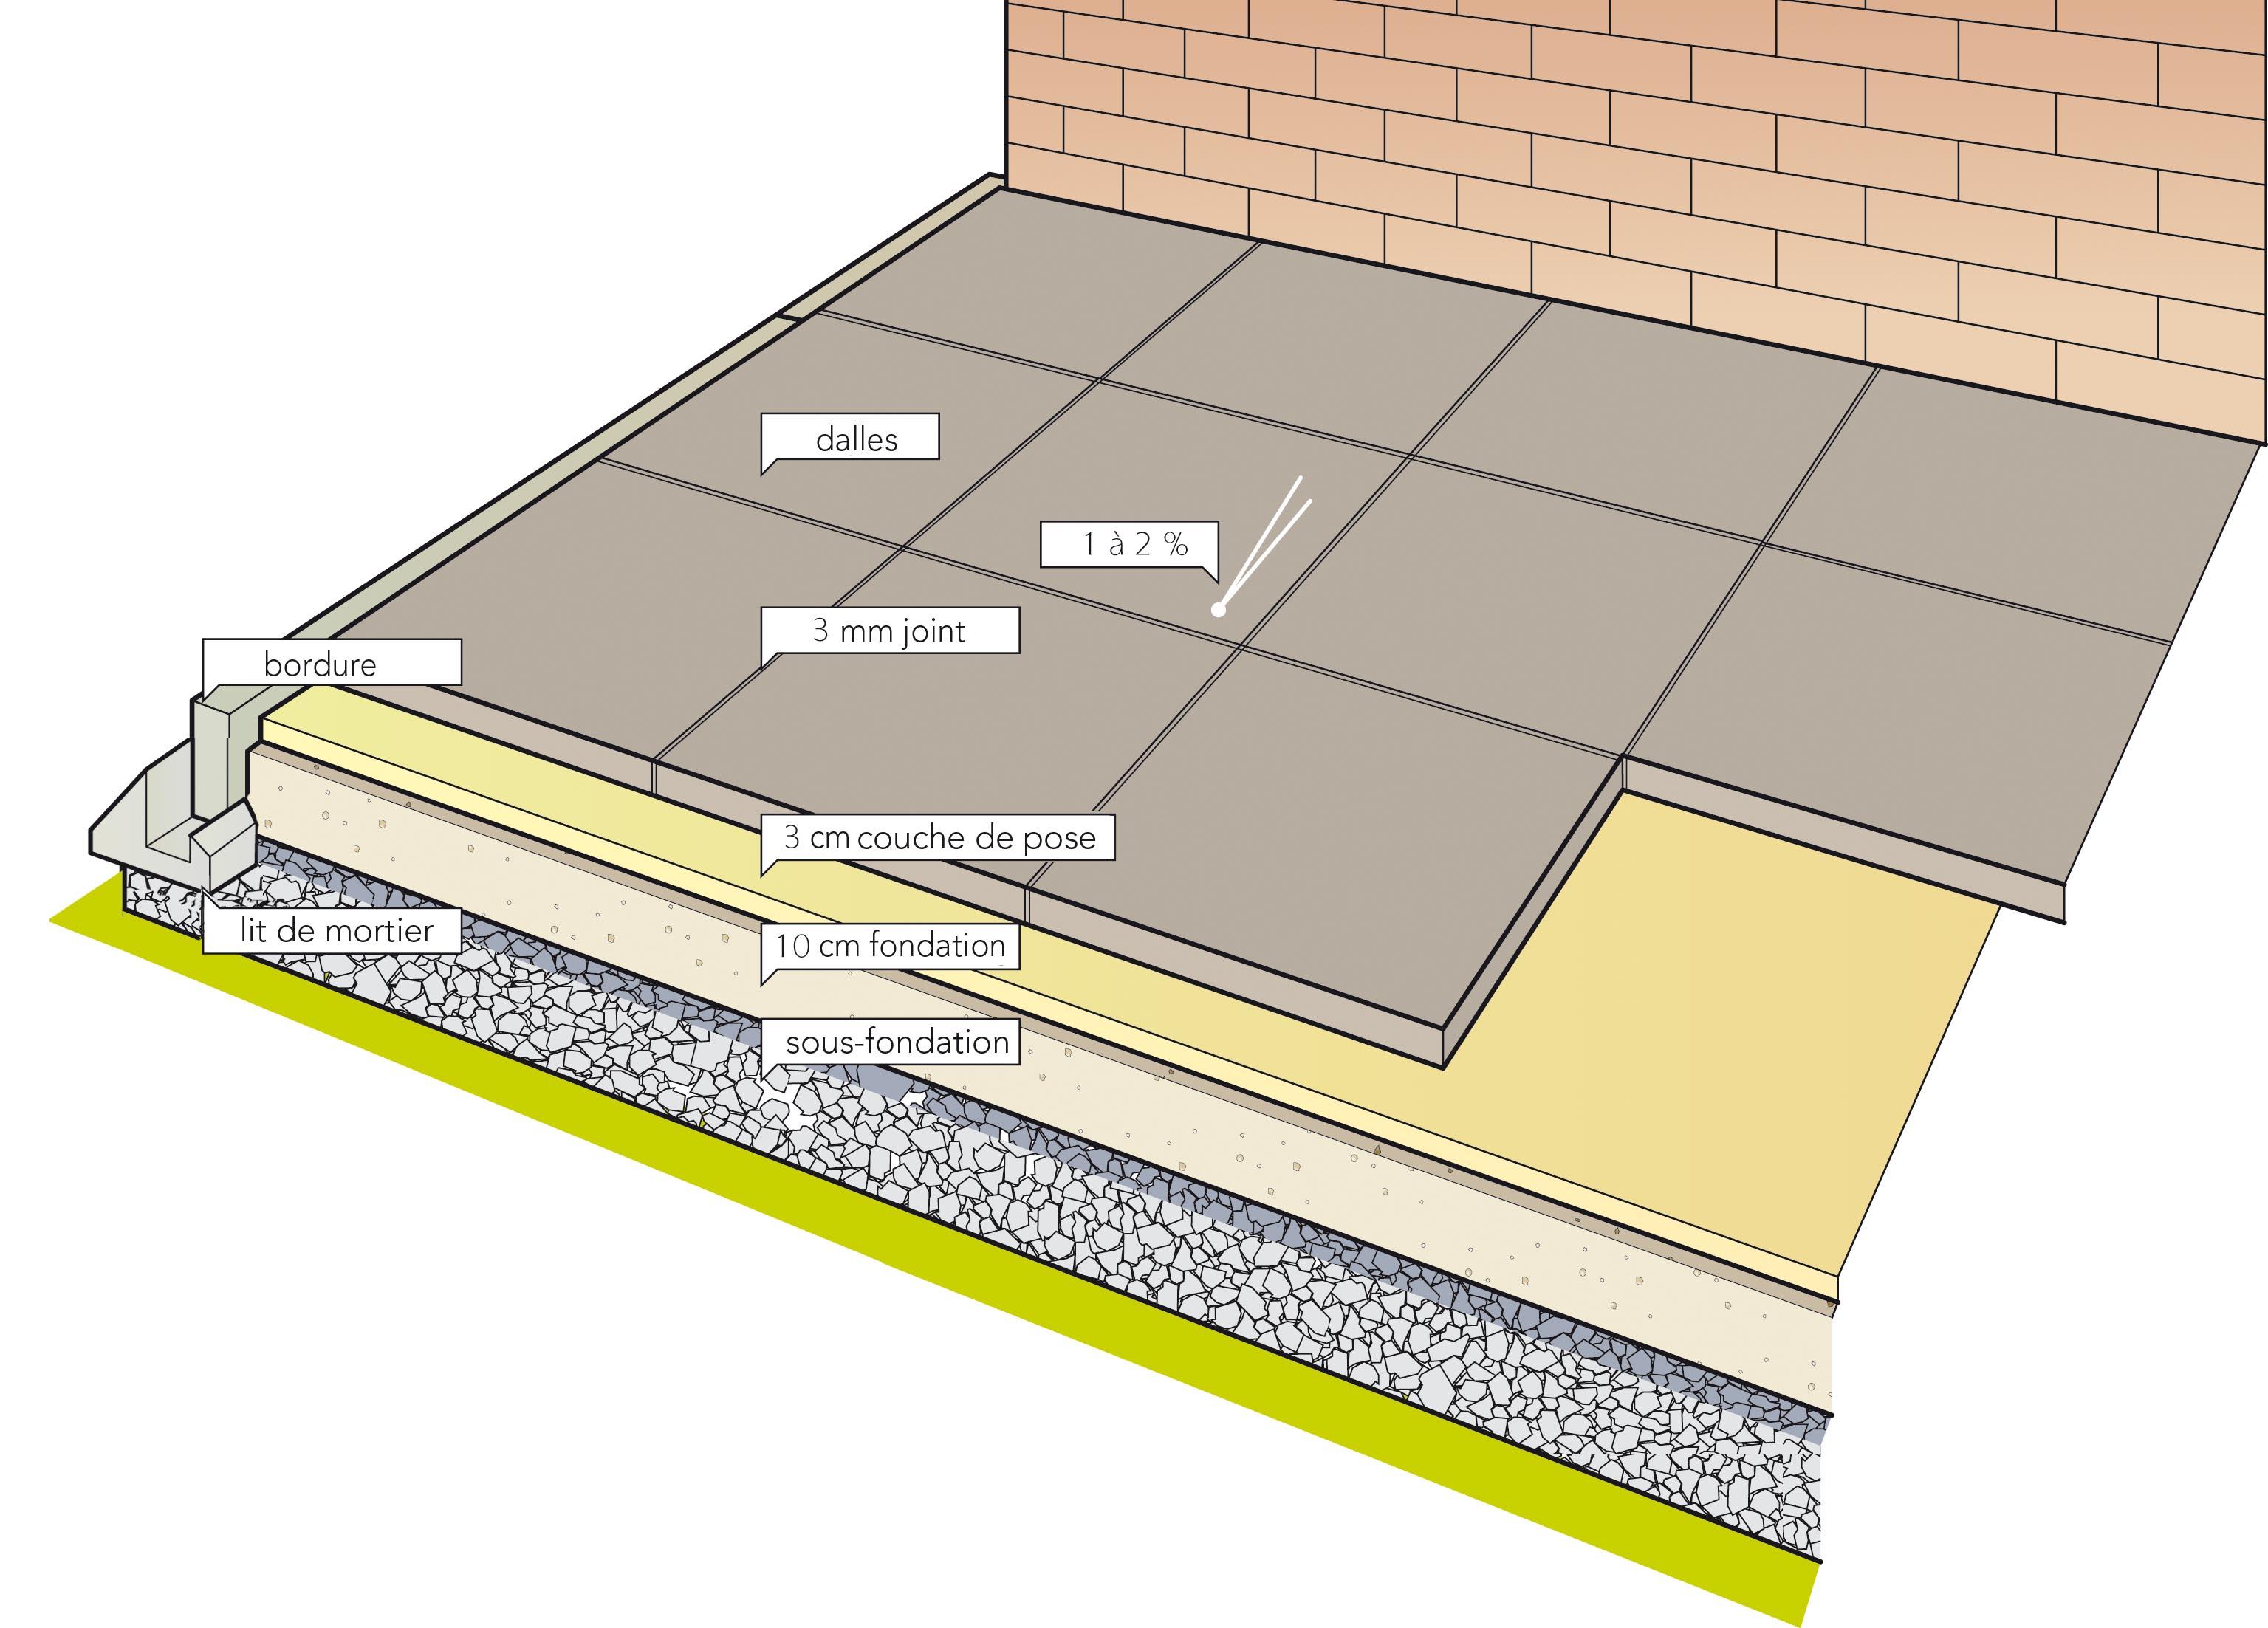 Terrasse dalle beton sur lit de sable nos conseils - Poser une terrasse en dalle beton ...